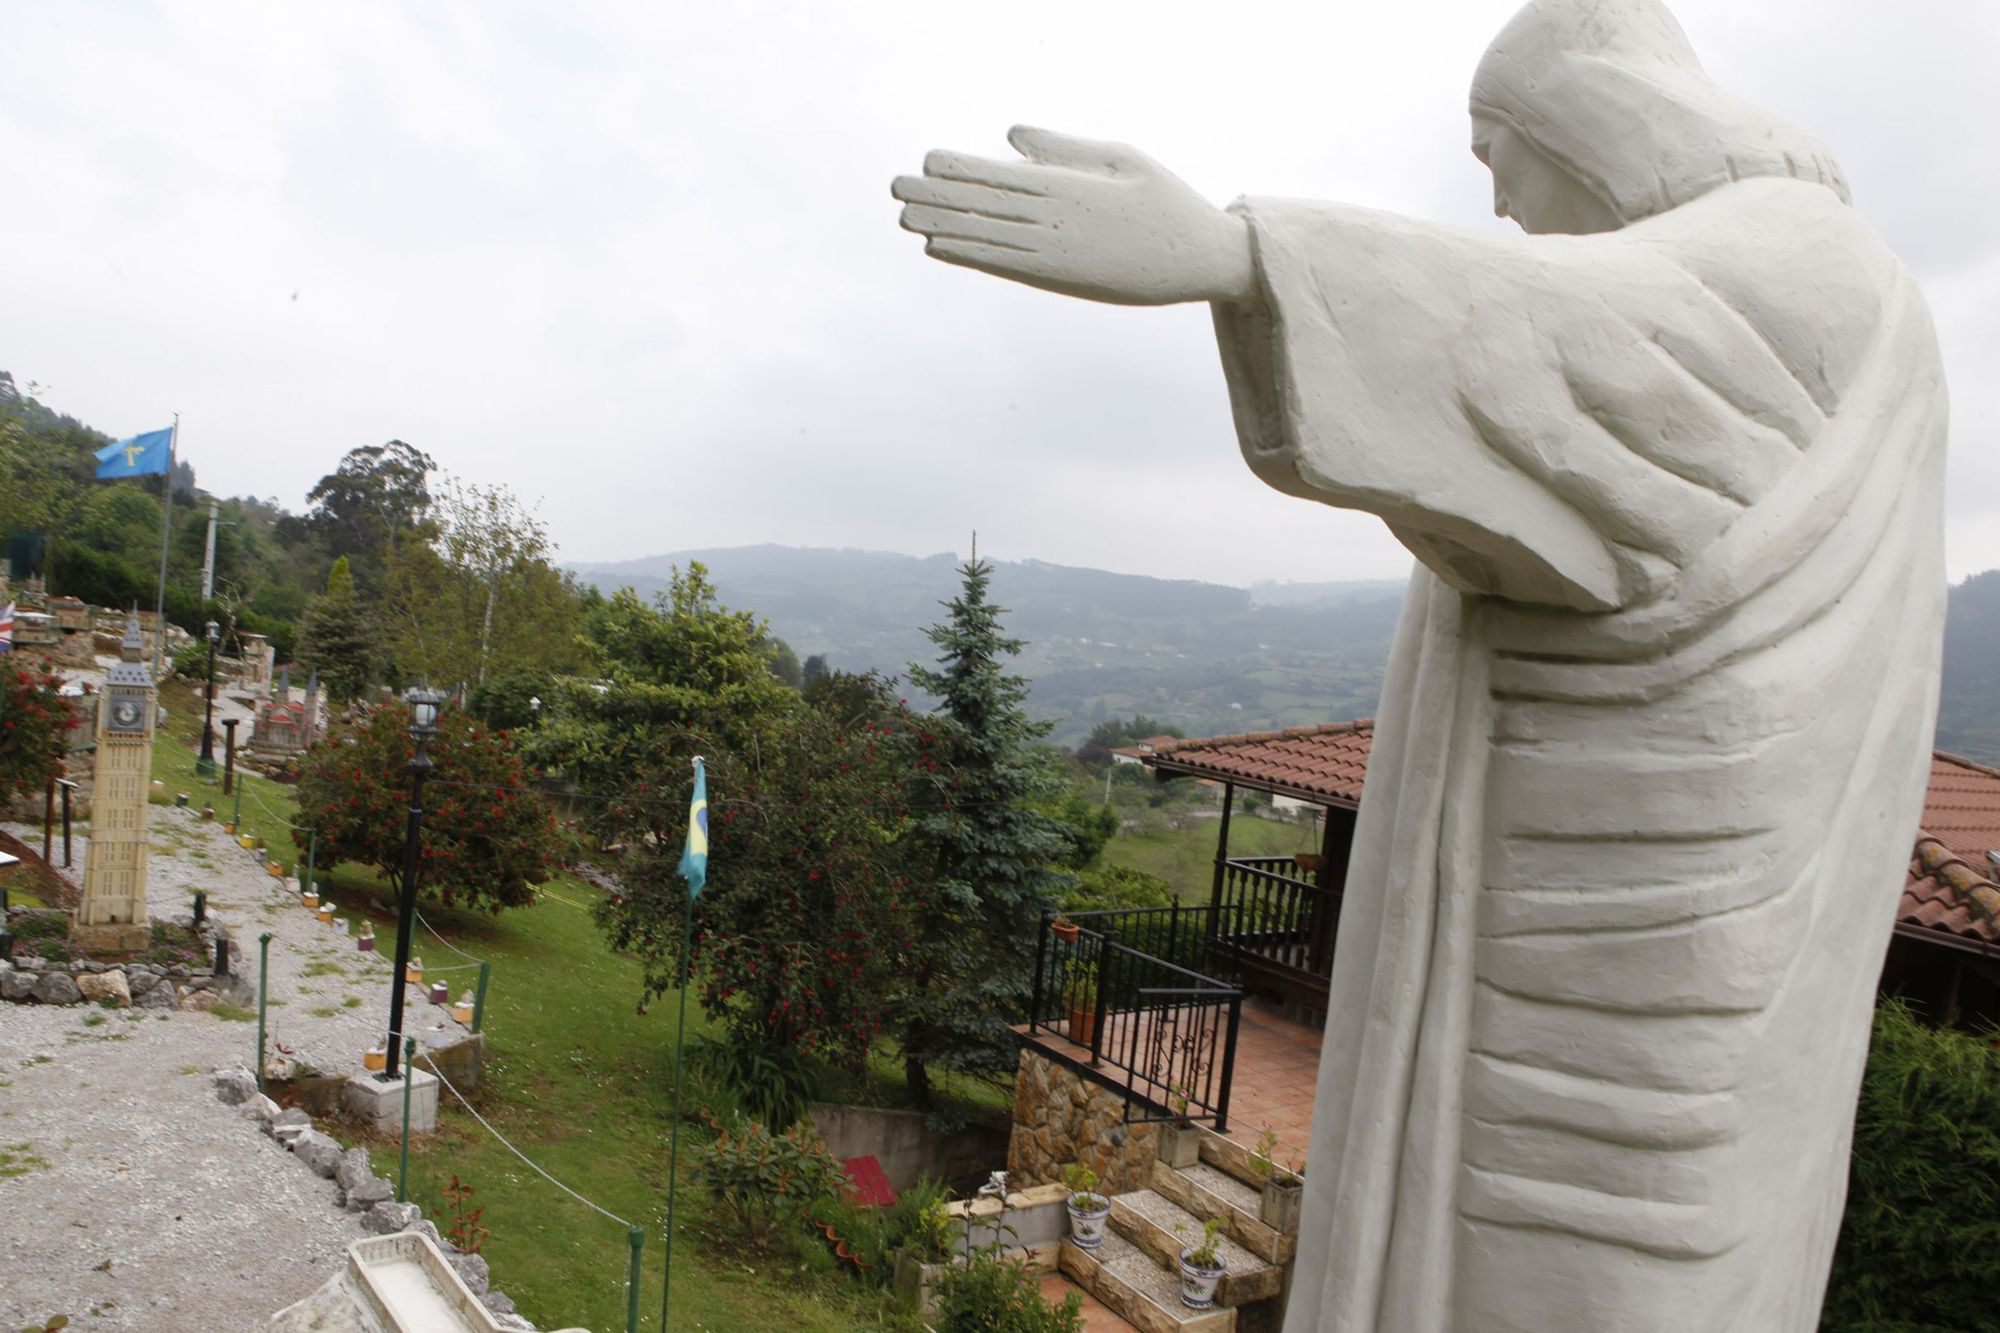 El museo de las réplicas de Gijón ya tiene su homenaje a la minería